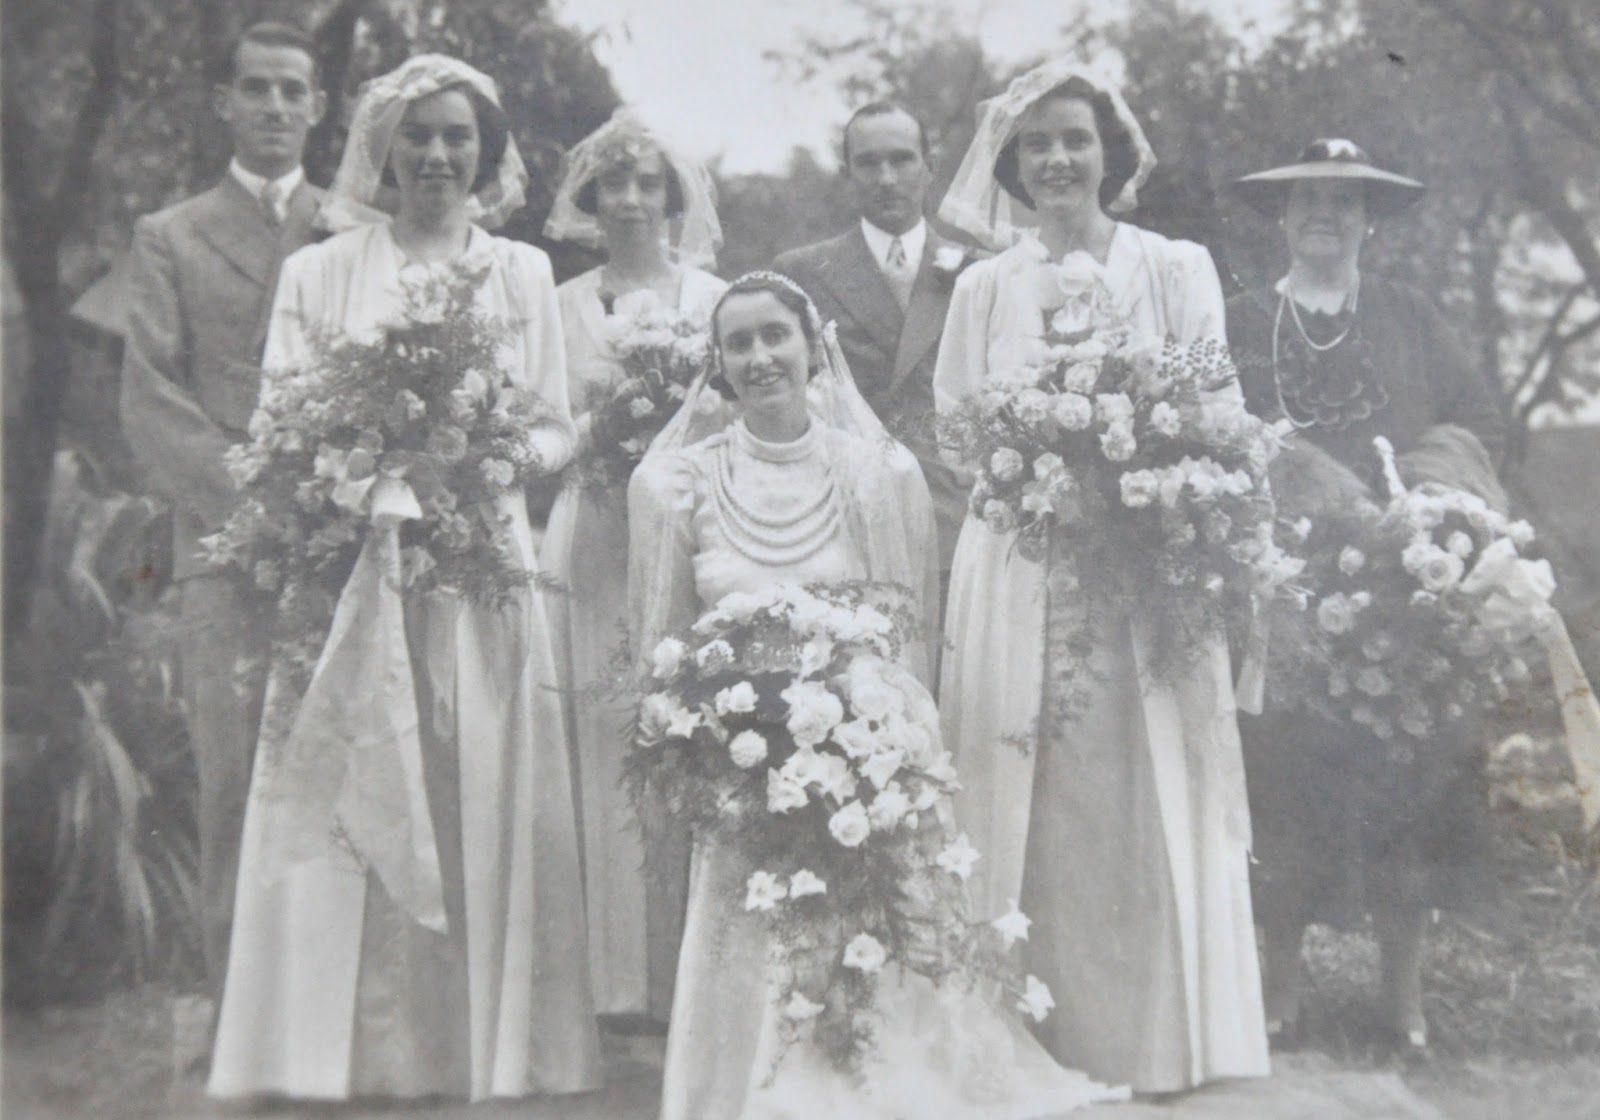 1938WEDDING Catholic marriage, Traditional catholic